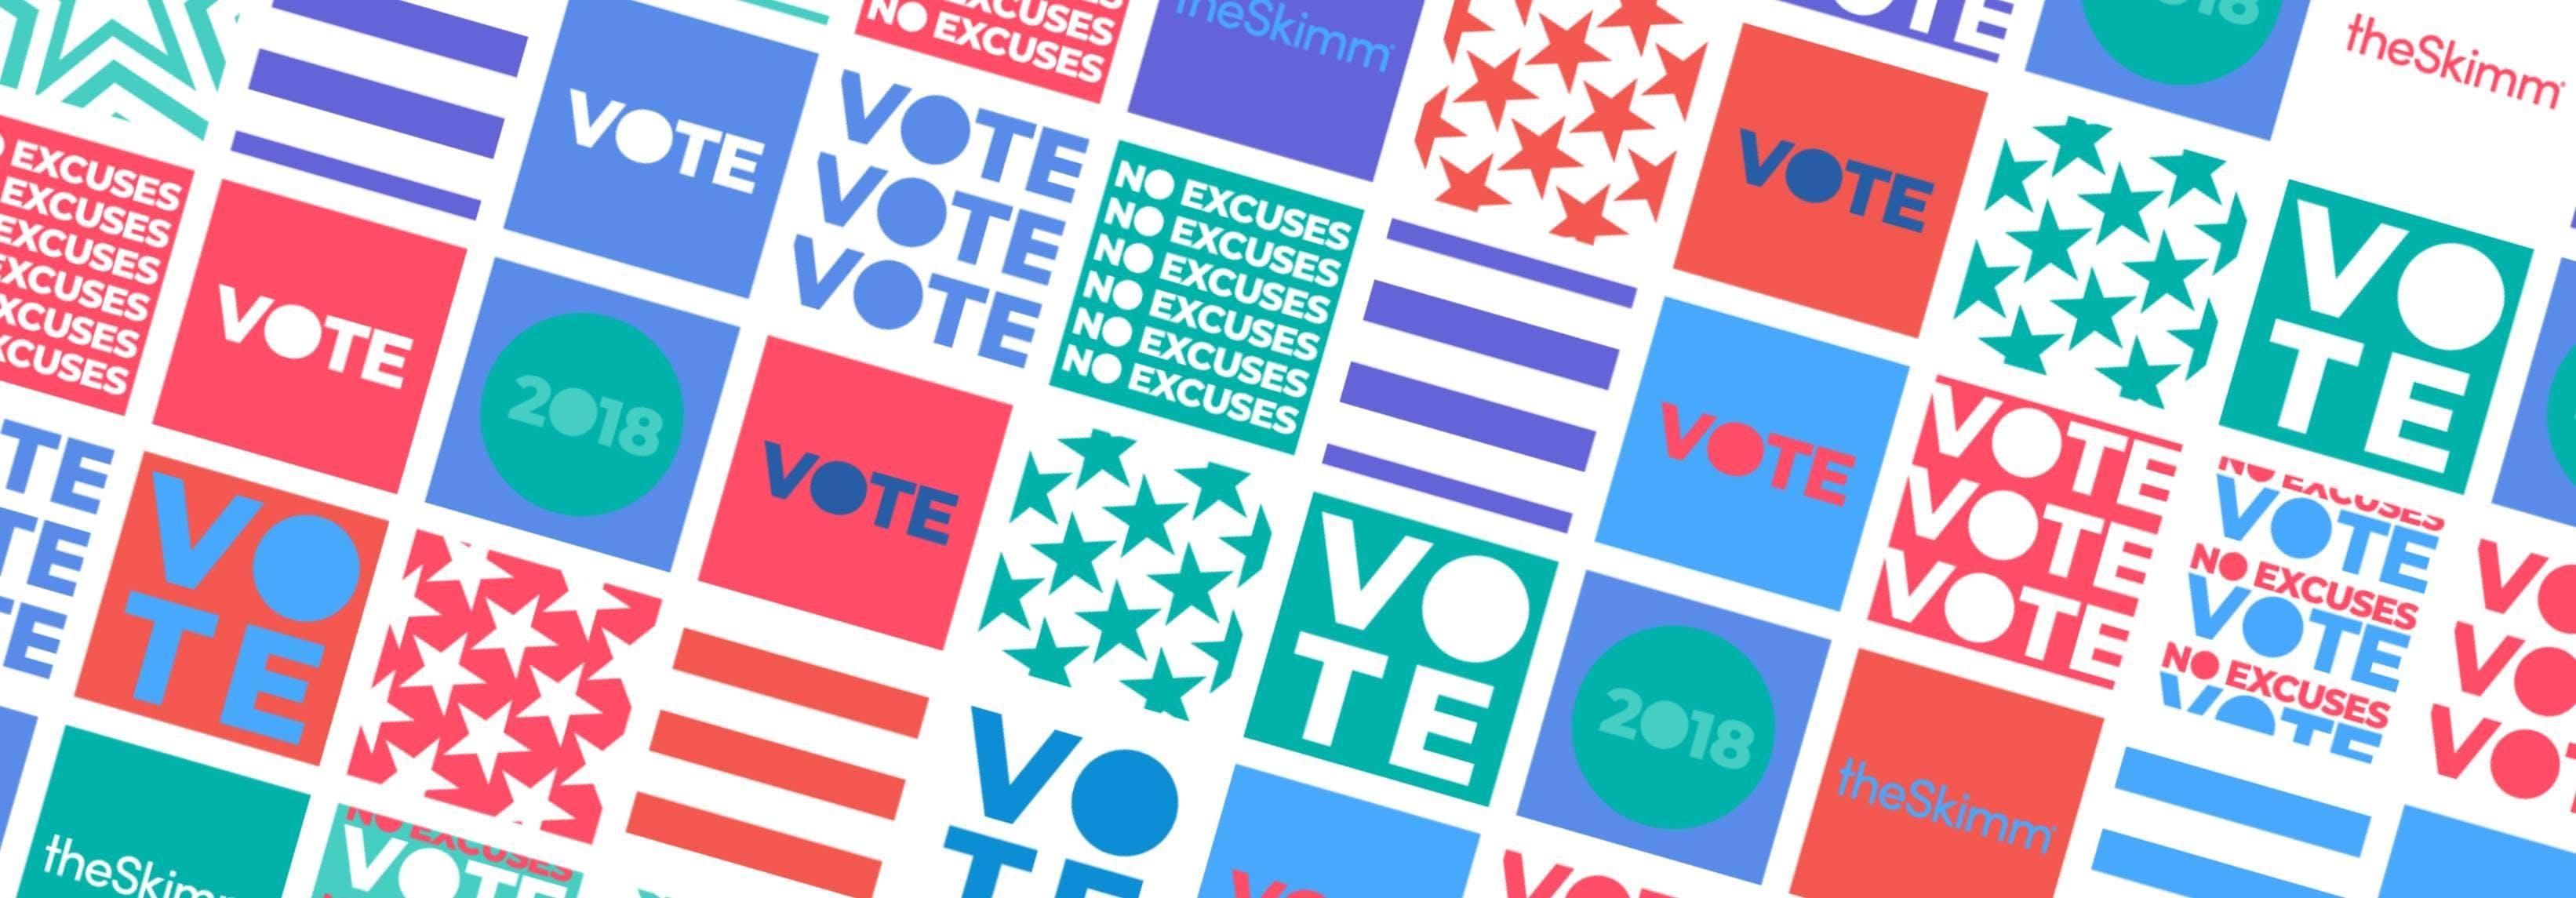 Sip n Skimm the Vote CT